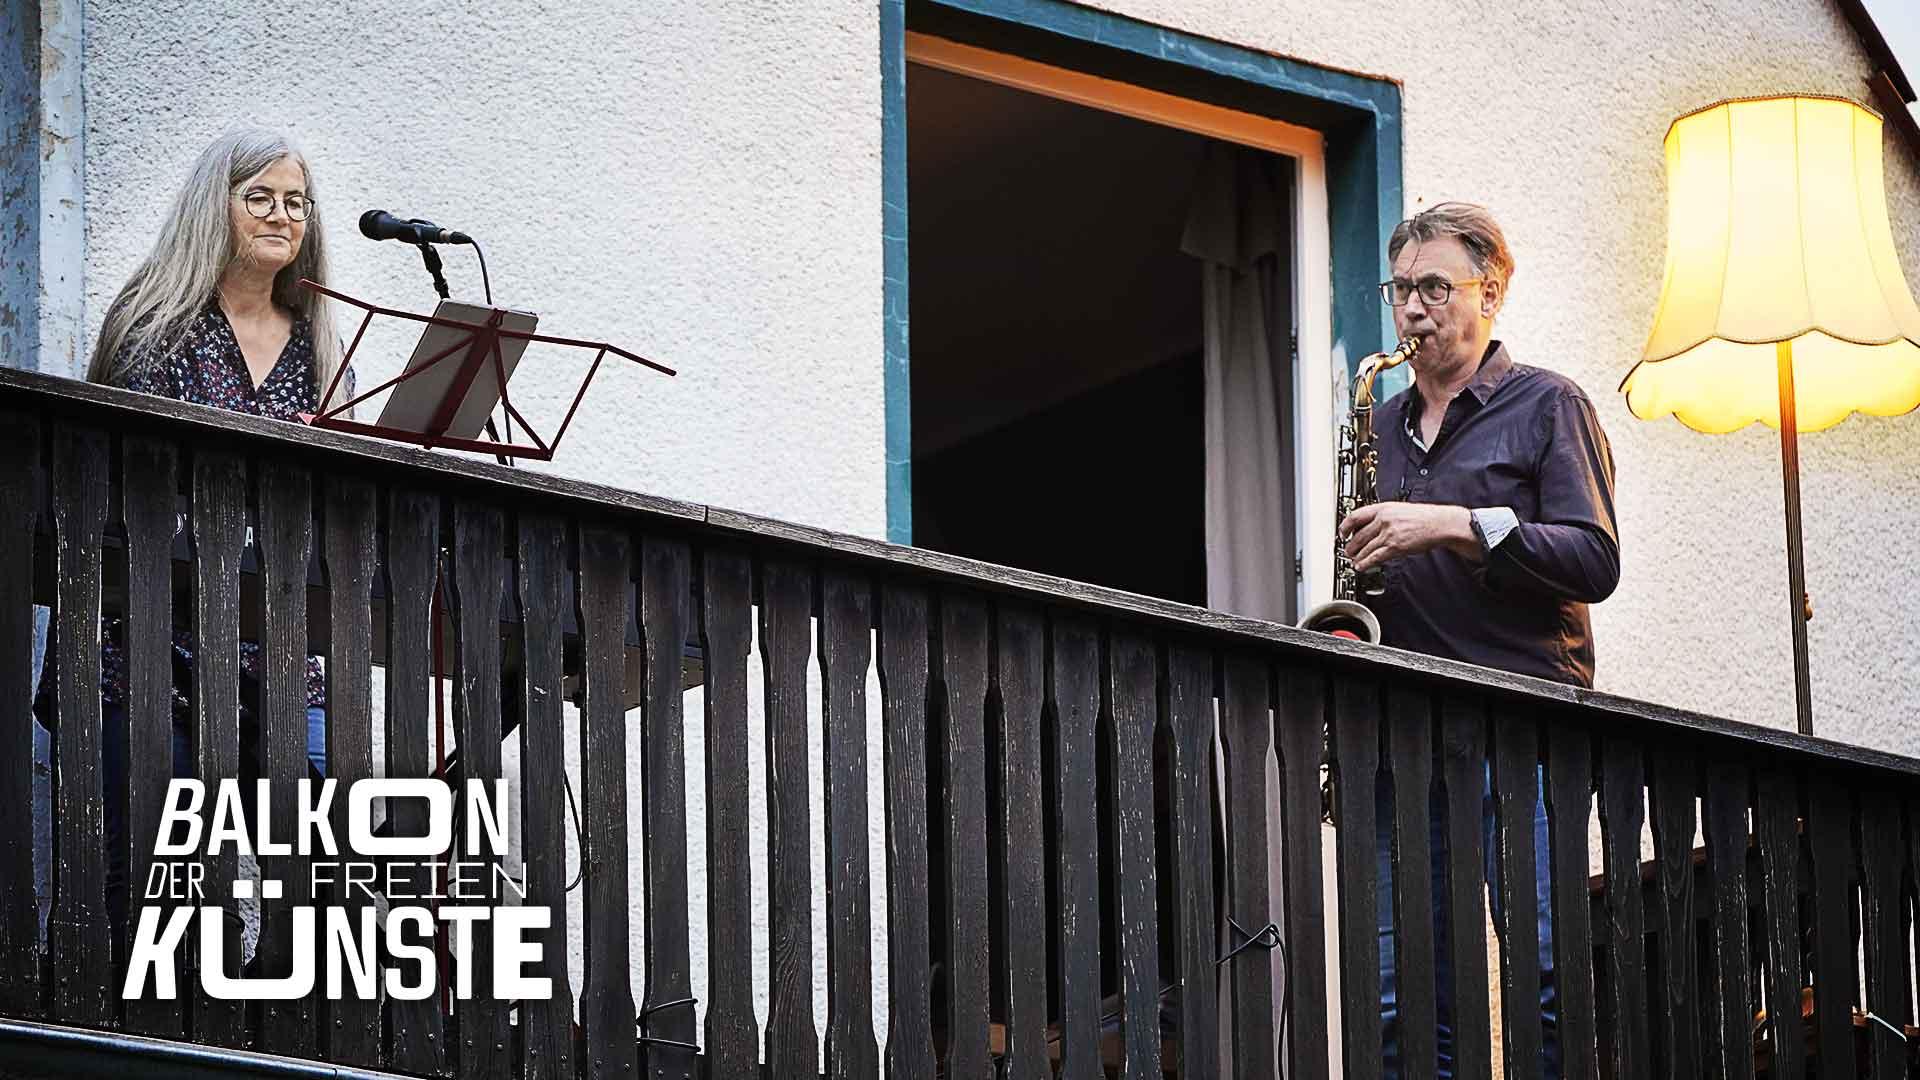 Duo Suo: Susanne Spitzmüller und Ortwin Eversmeyer auf dem Balkon der freien Künste